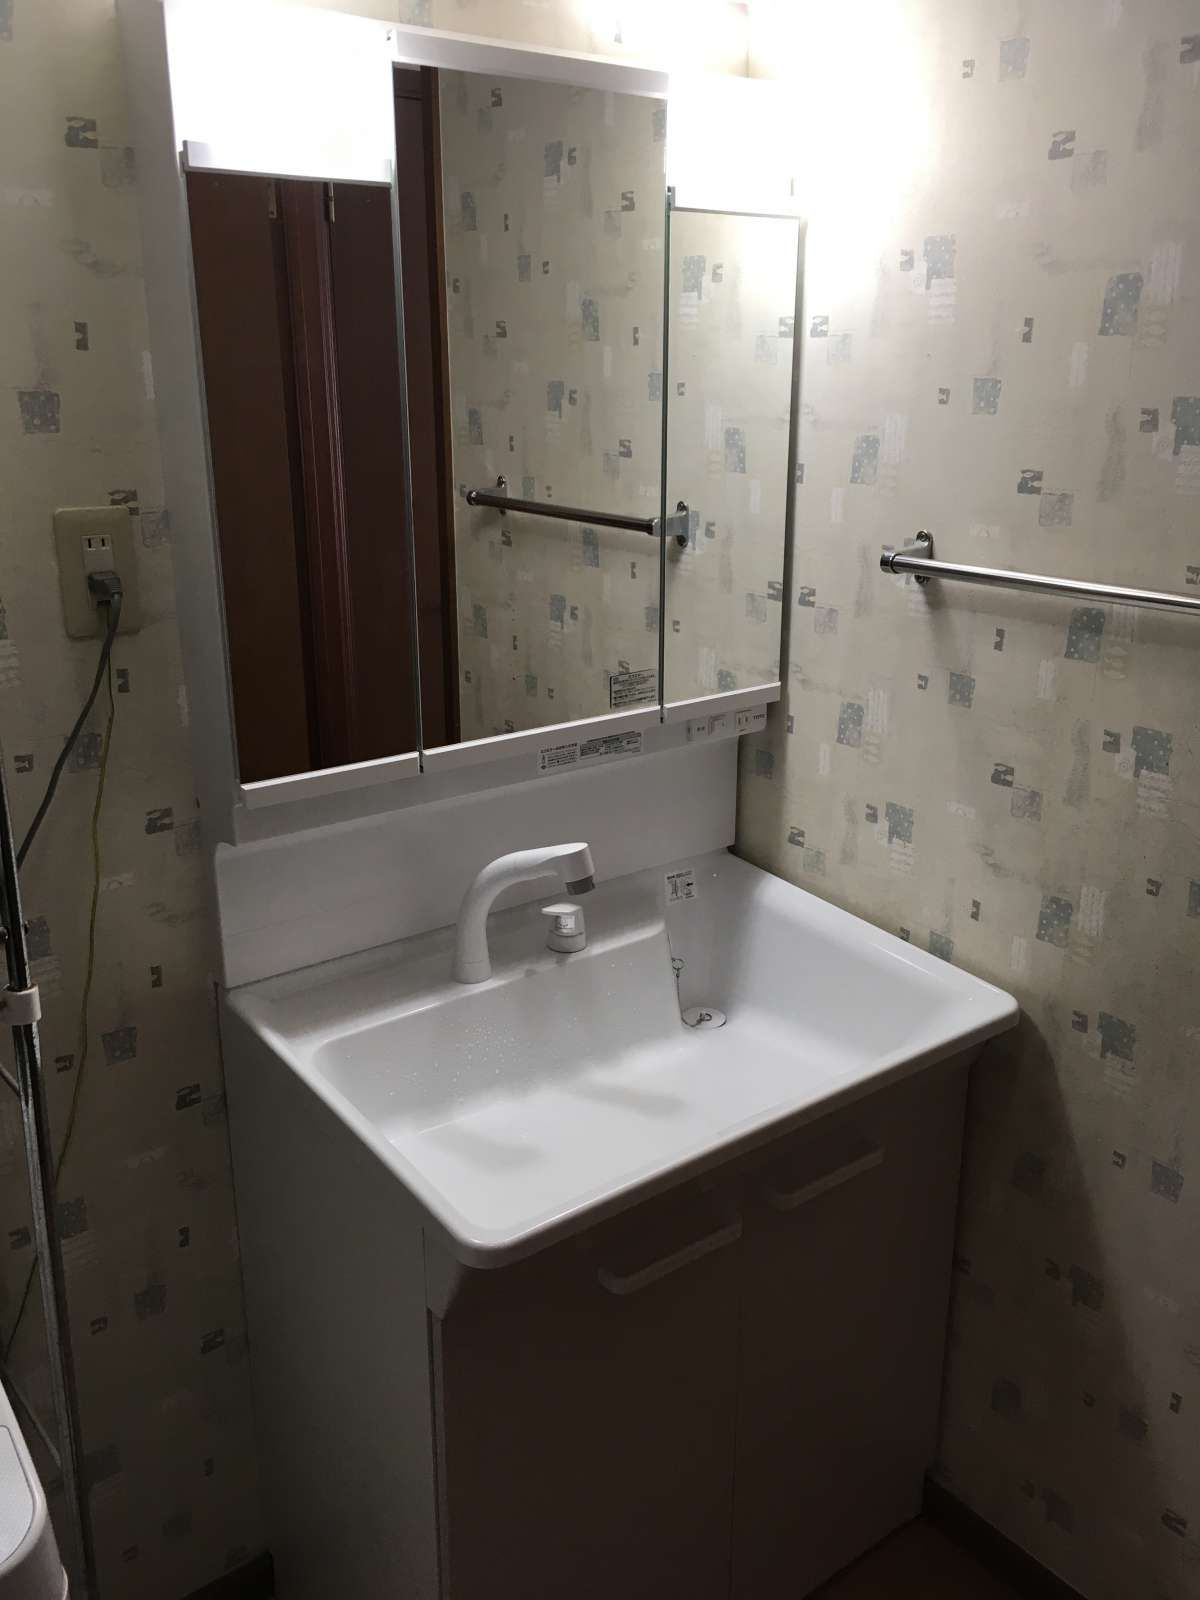 洗面化粧台 Toto Keシリーズが大特価 洗面台やトイレ 給湯器 エアコンなどの交換なら便利屋handyman 洗面 洗面化粧台 洗面台